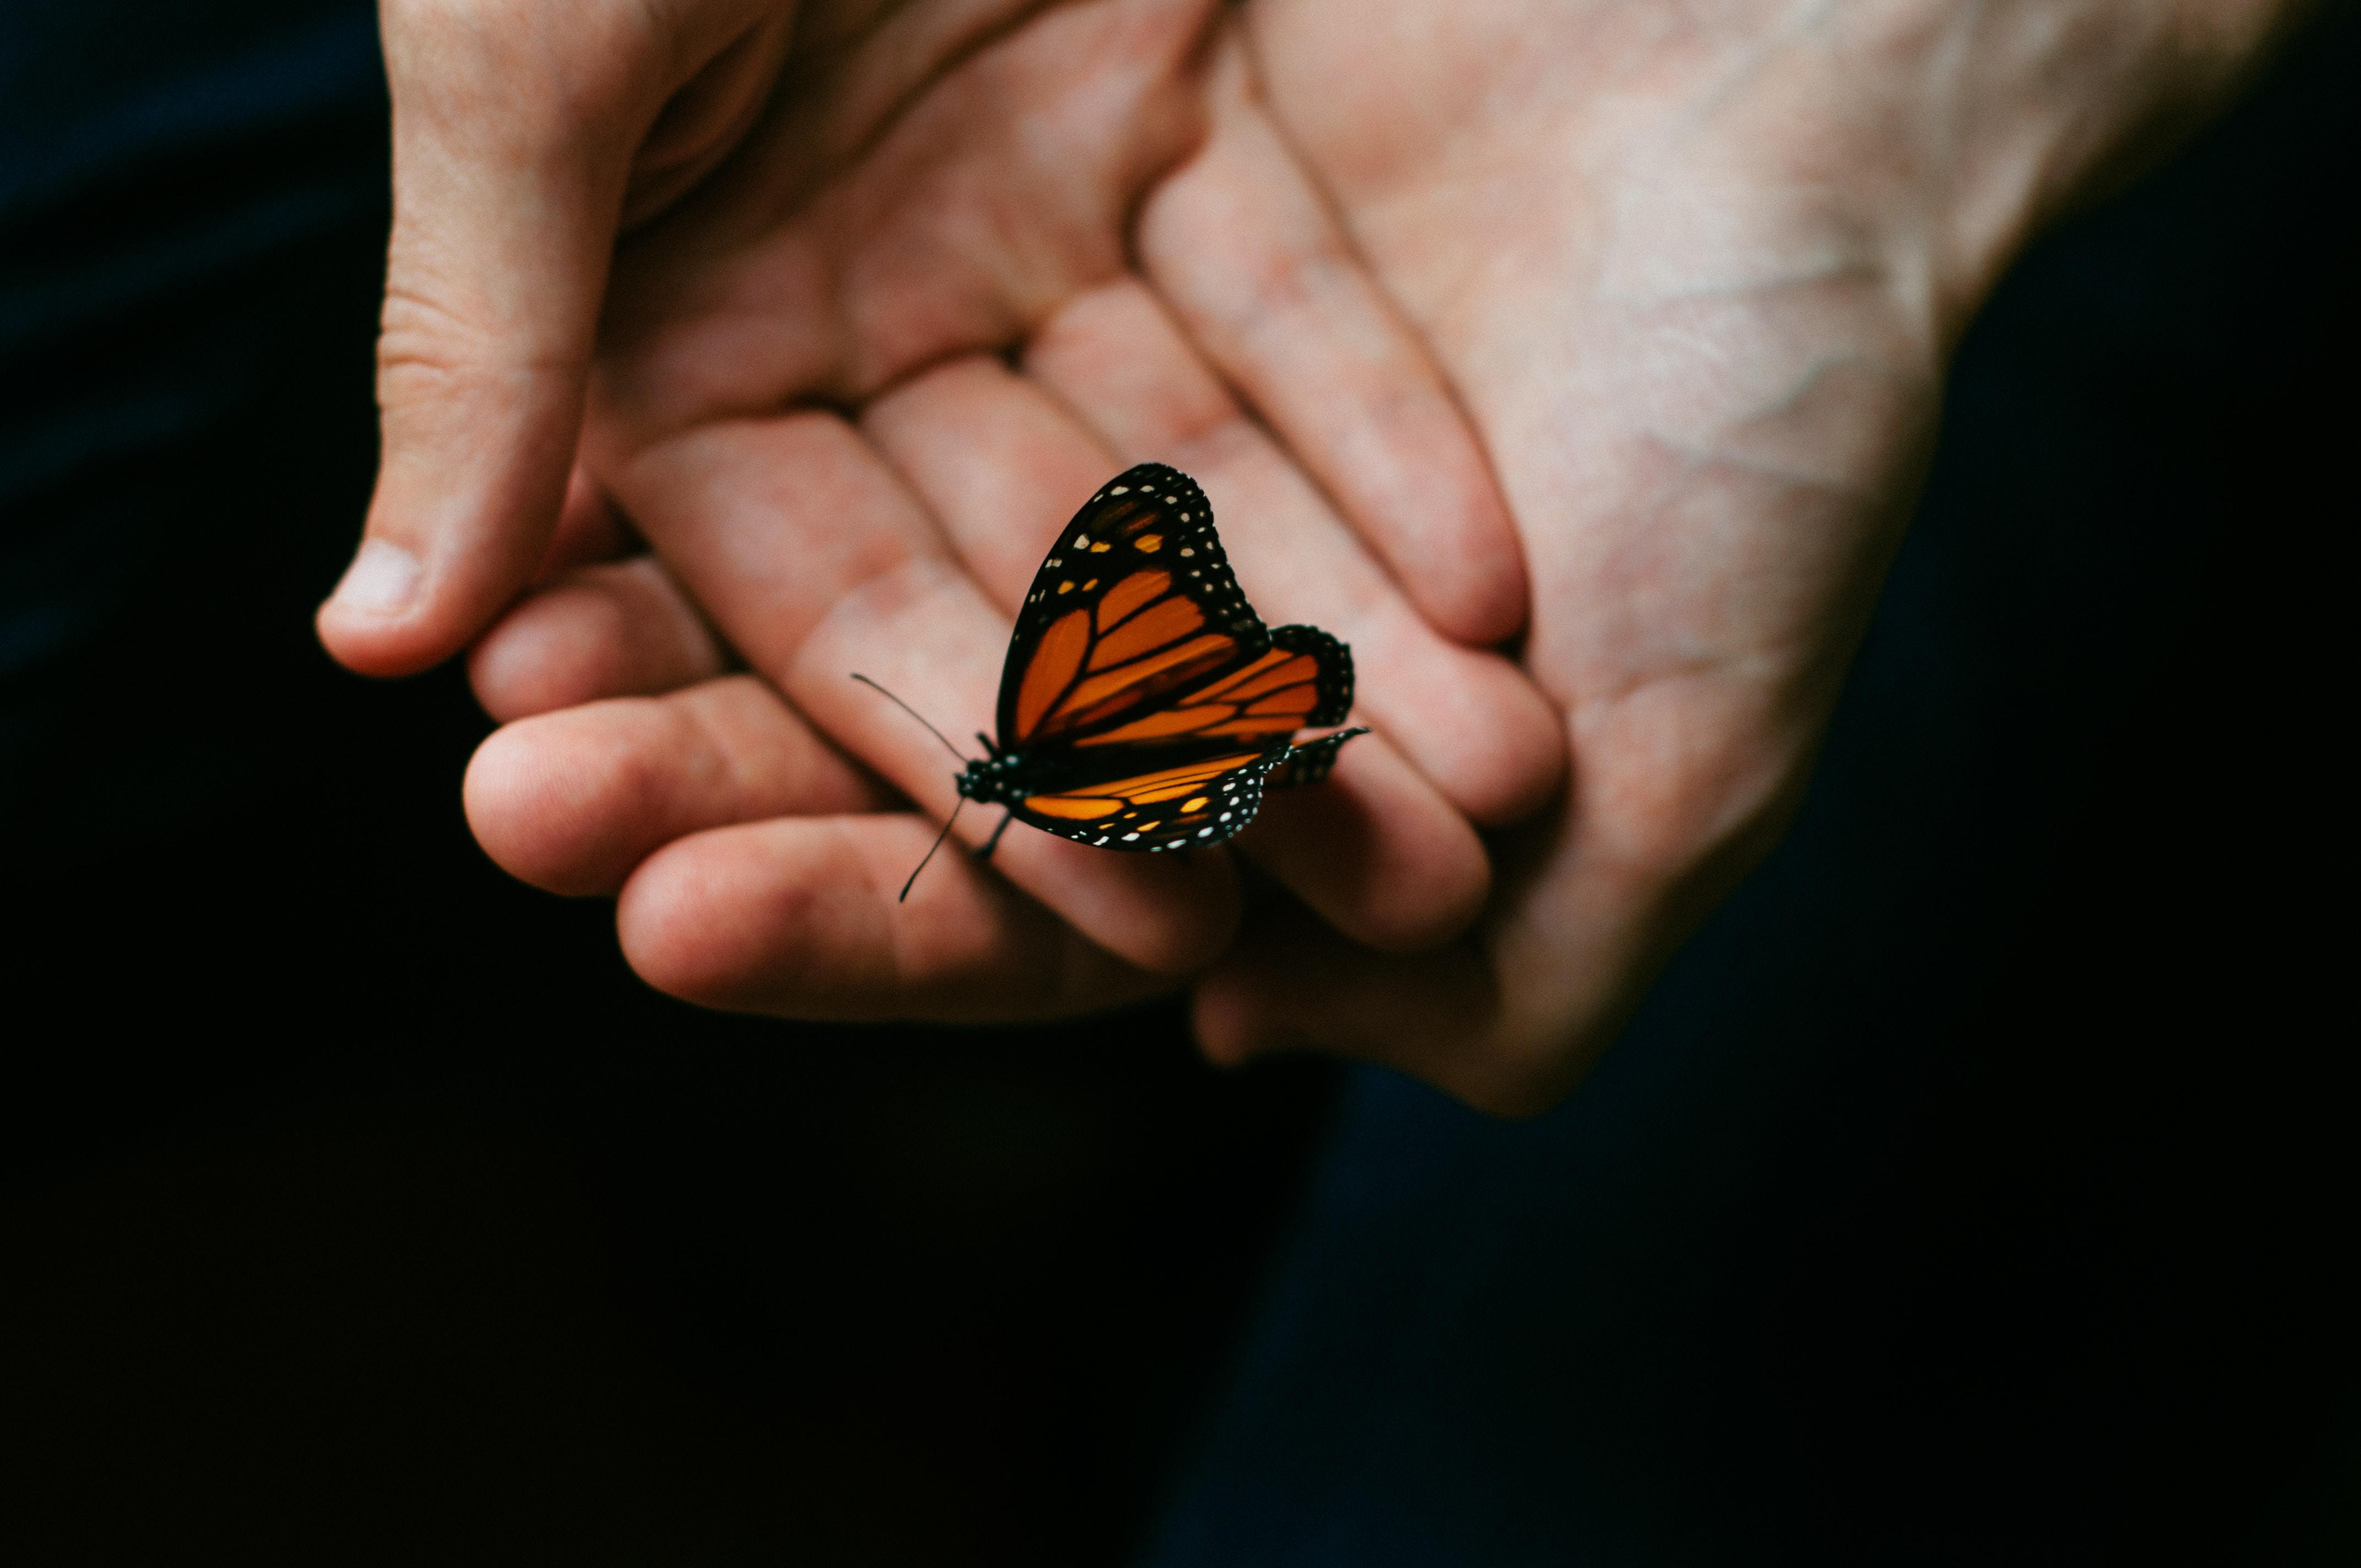 Sweet Sweet Butterfly butterfly stories